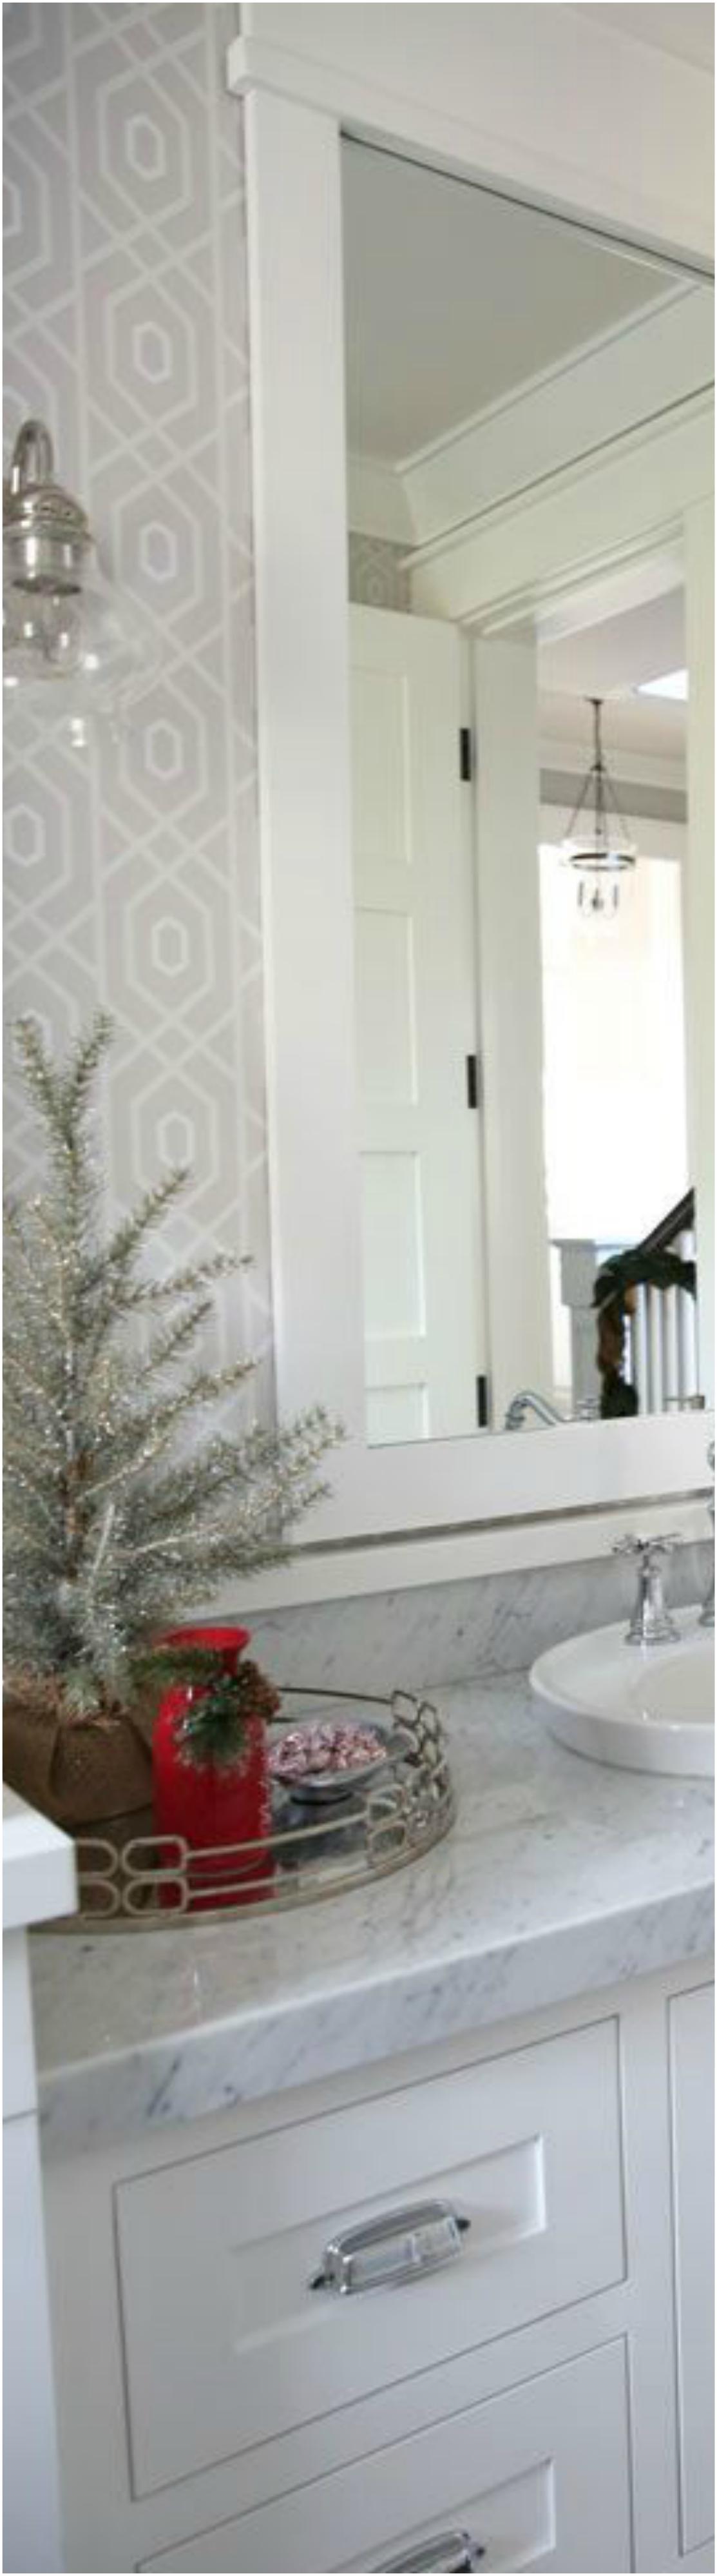 Bathroom Christmas Decoration Ideas (6)